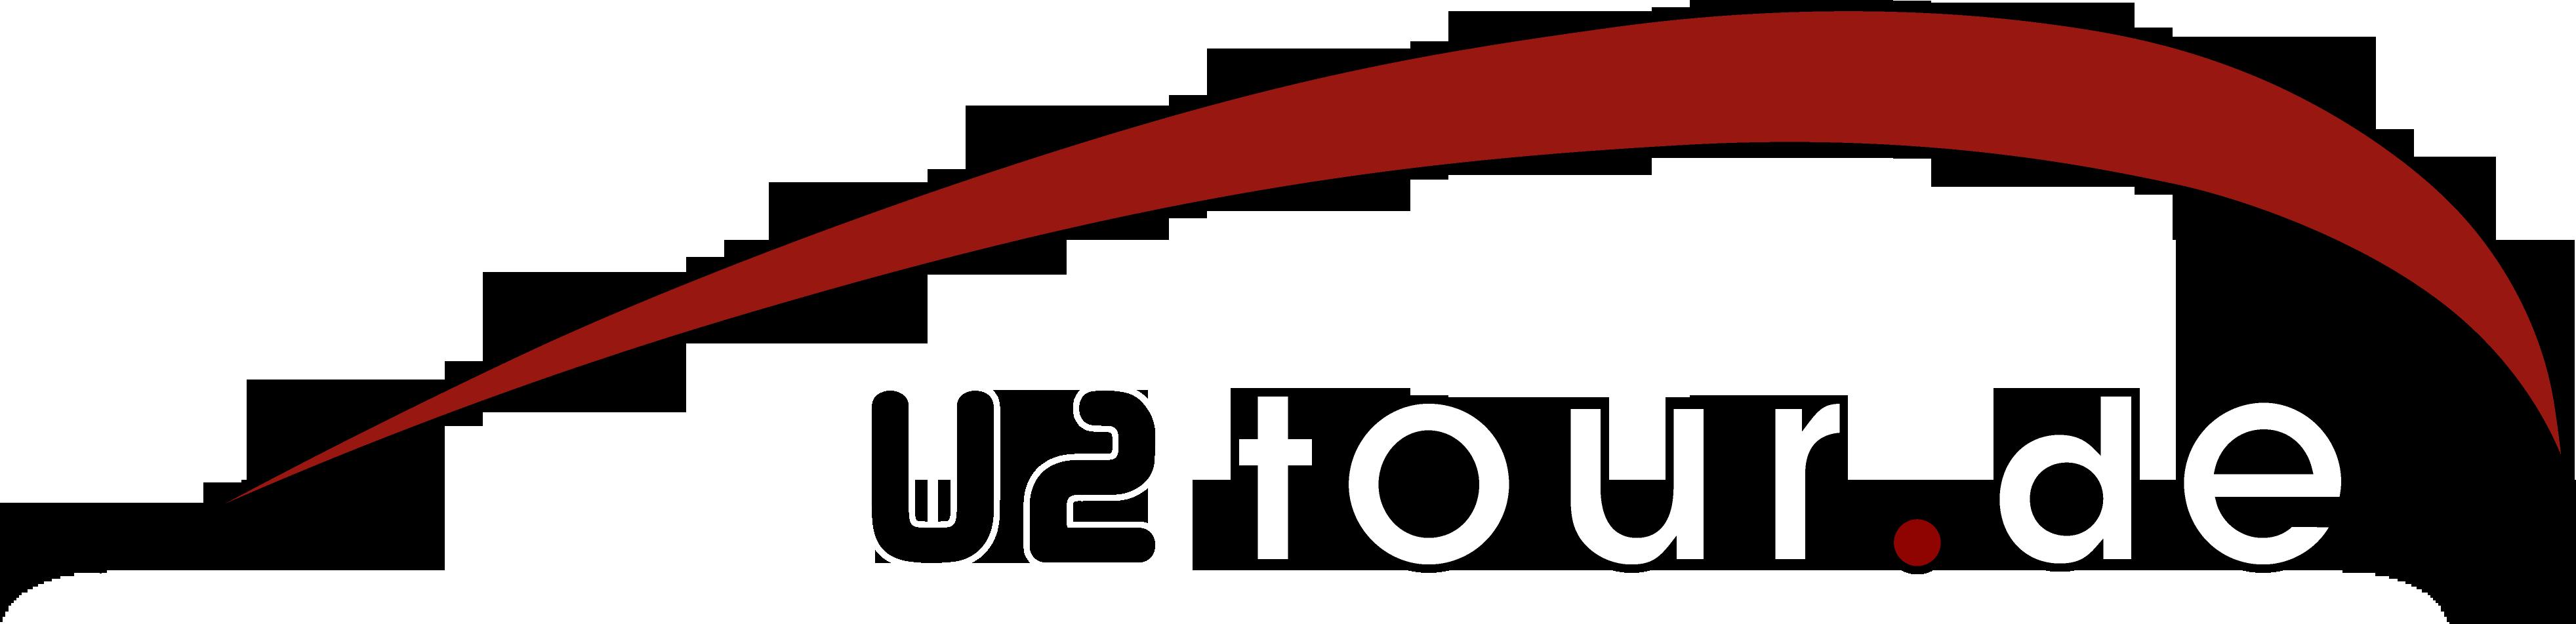 U2tour.de Logo